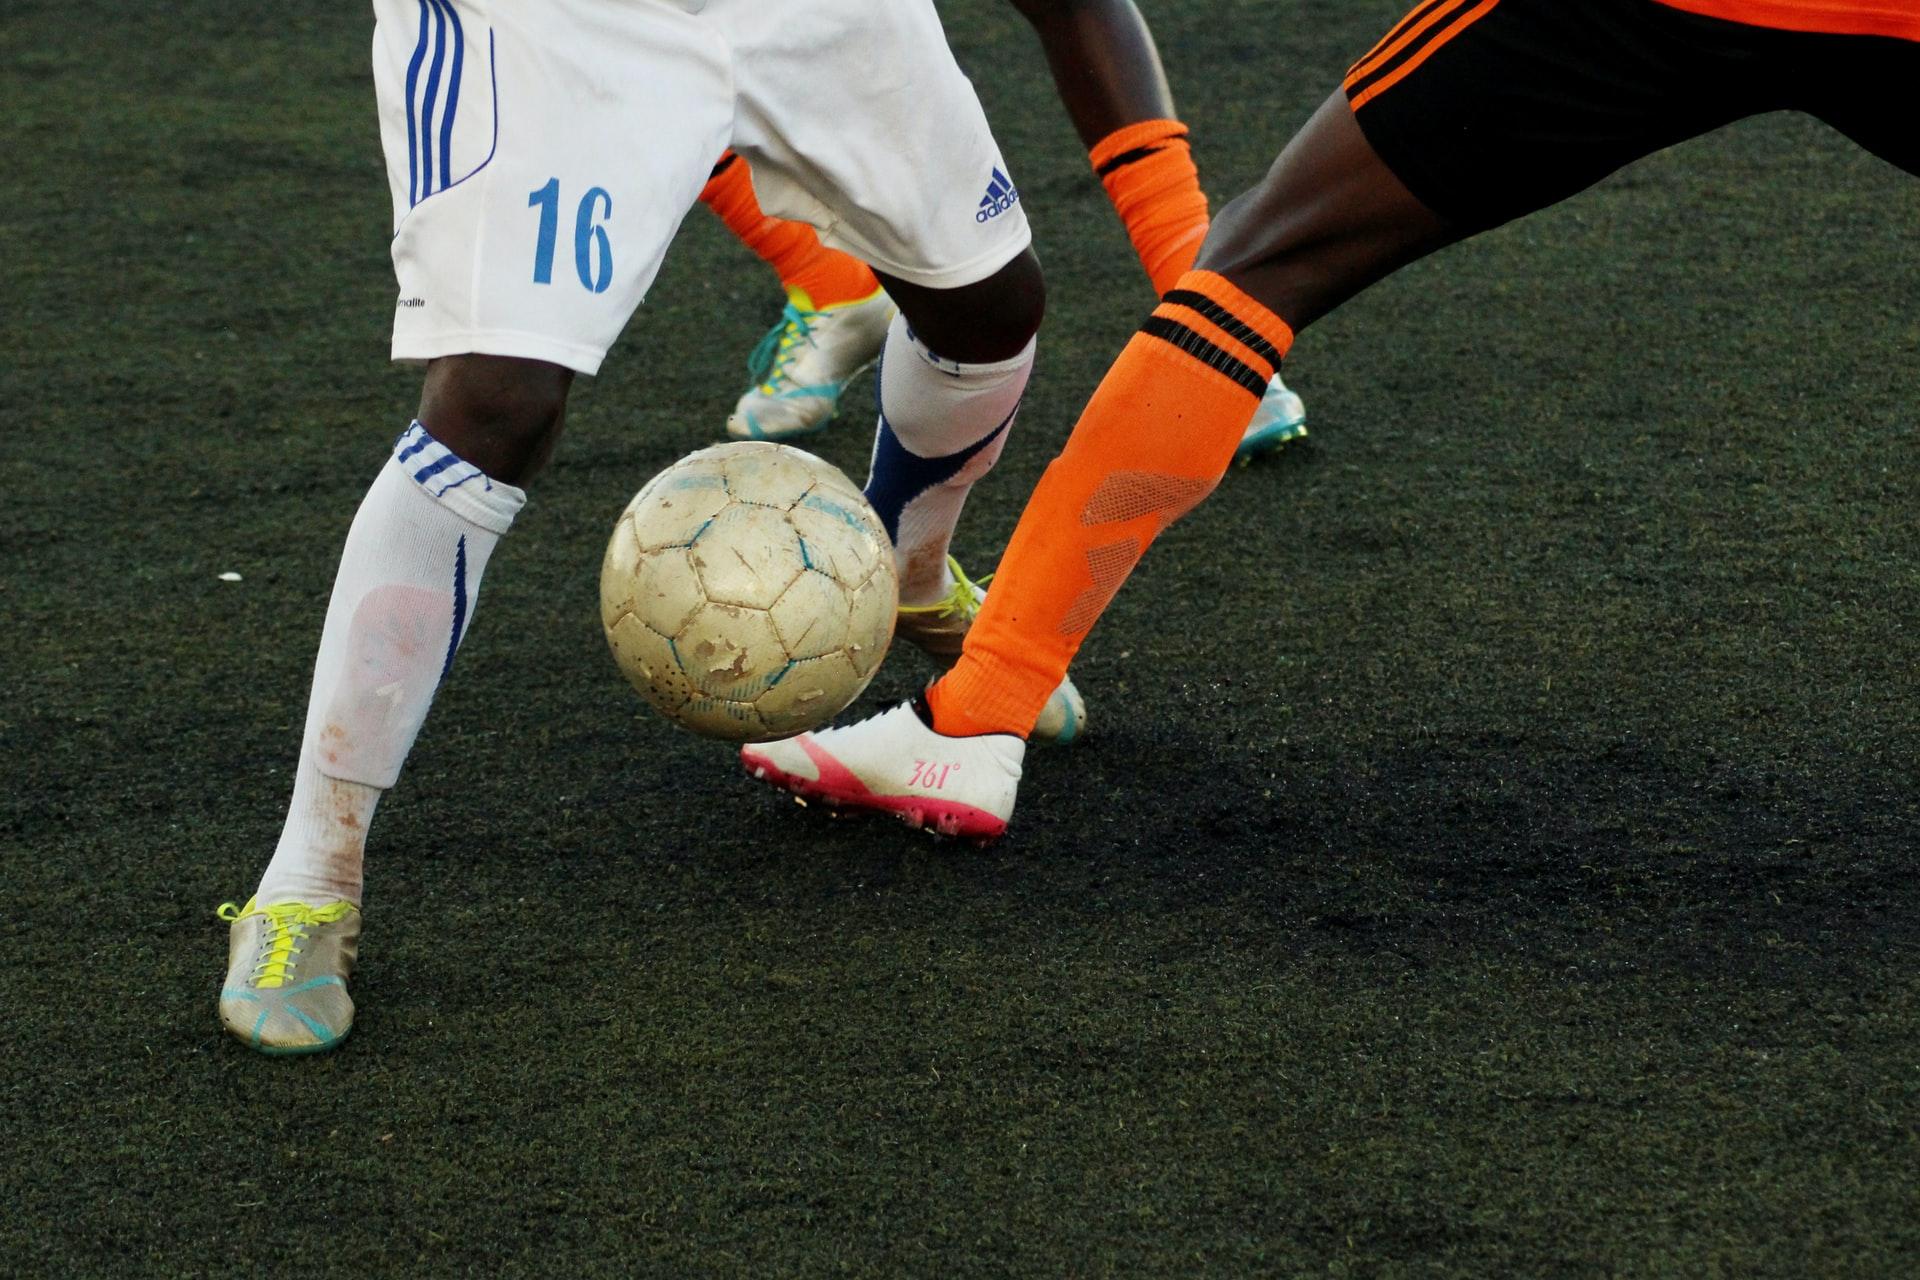 Pressing im Fußball: Eine Mannschaft führt die Taktik nach Ballverlust aus